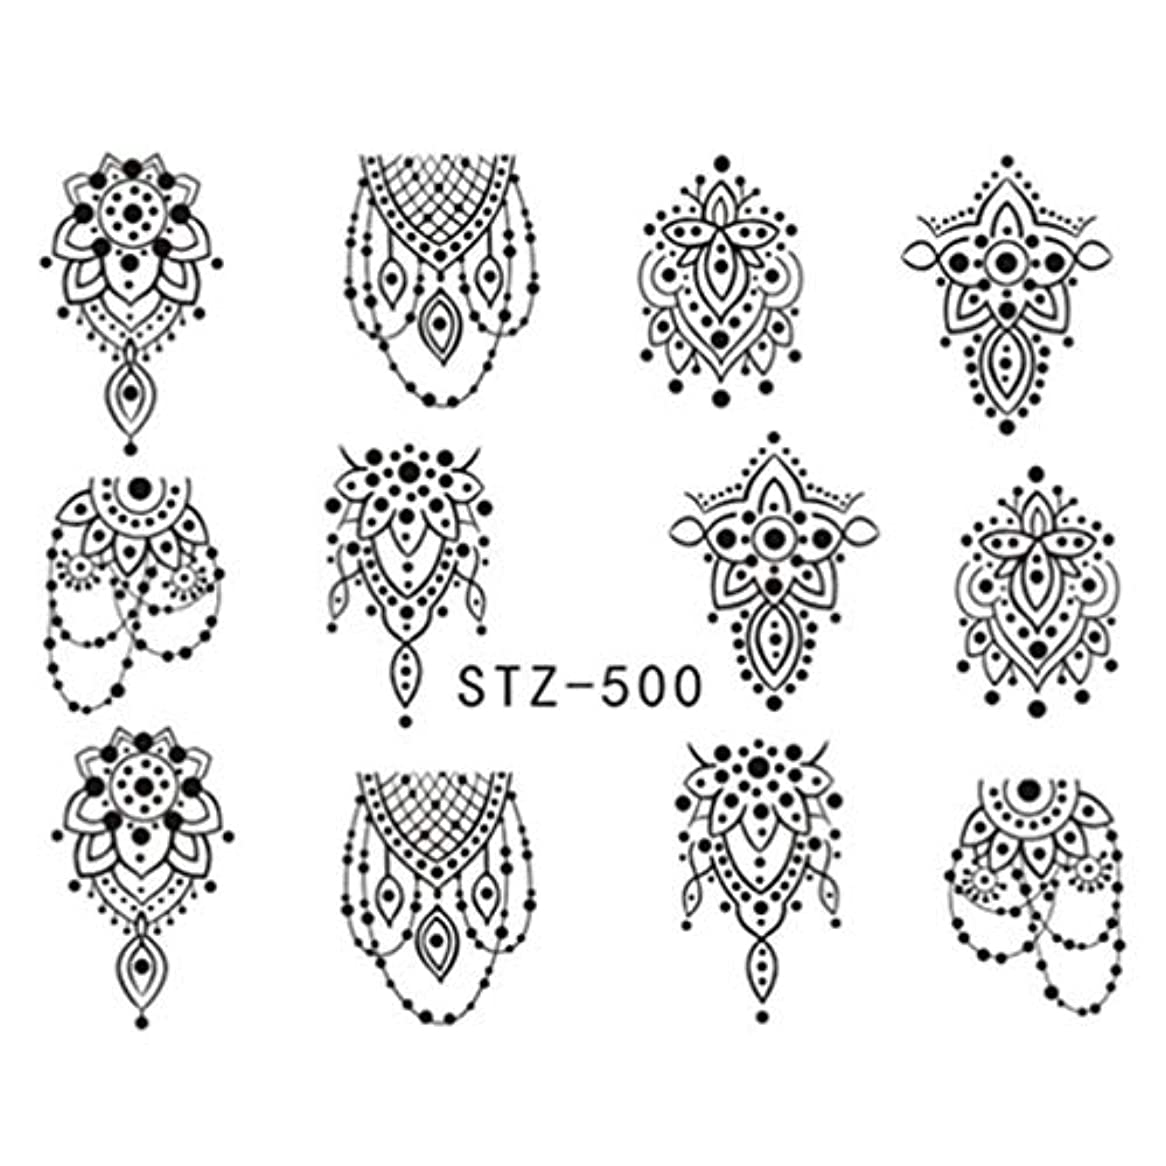 ふつうセミナー媒染剤Nueiliy プリペイドフランスアートネックレス花びらパターンアップリケ(None STZ500)